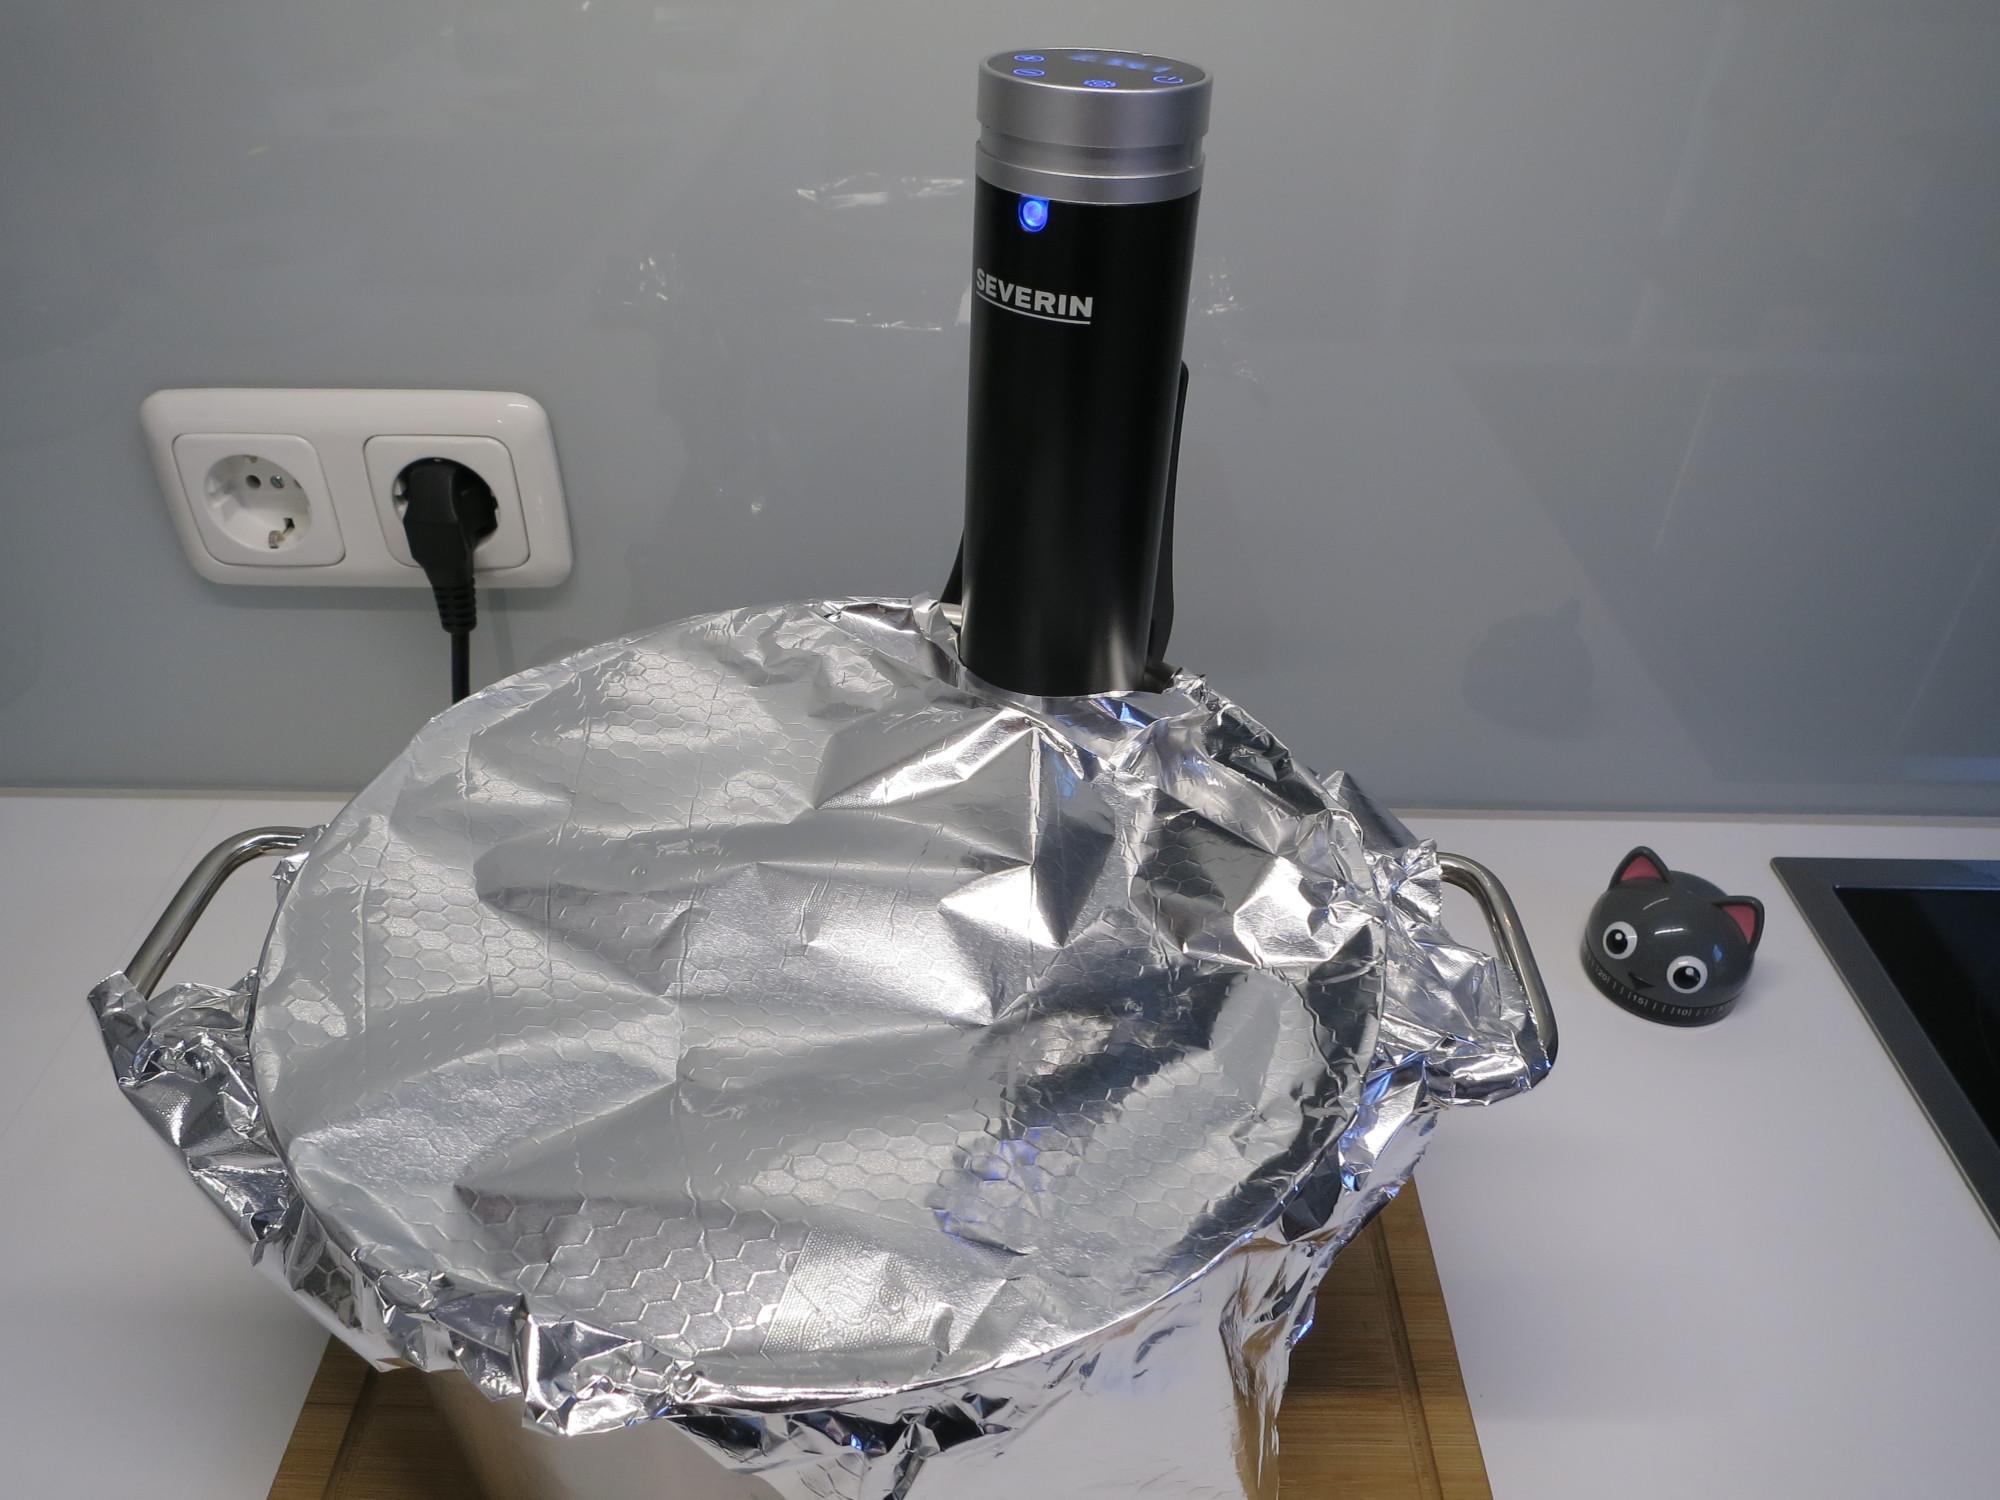 Topf mit Sous-vide-Stick und Alufolie